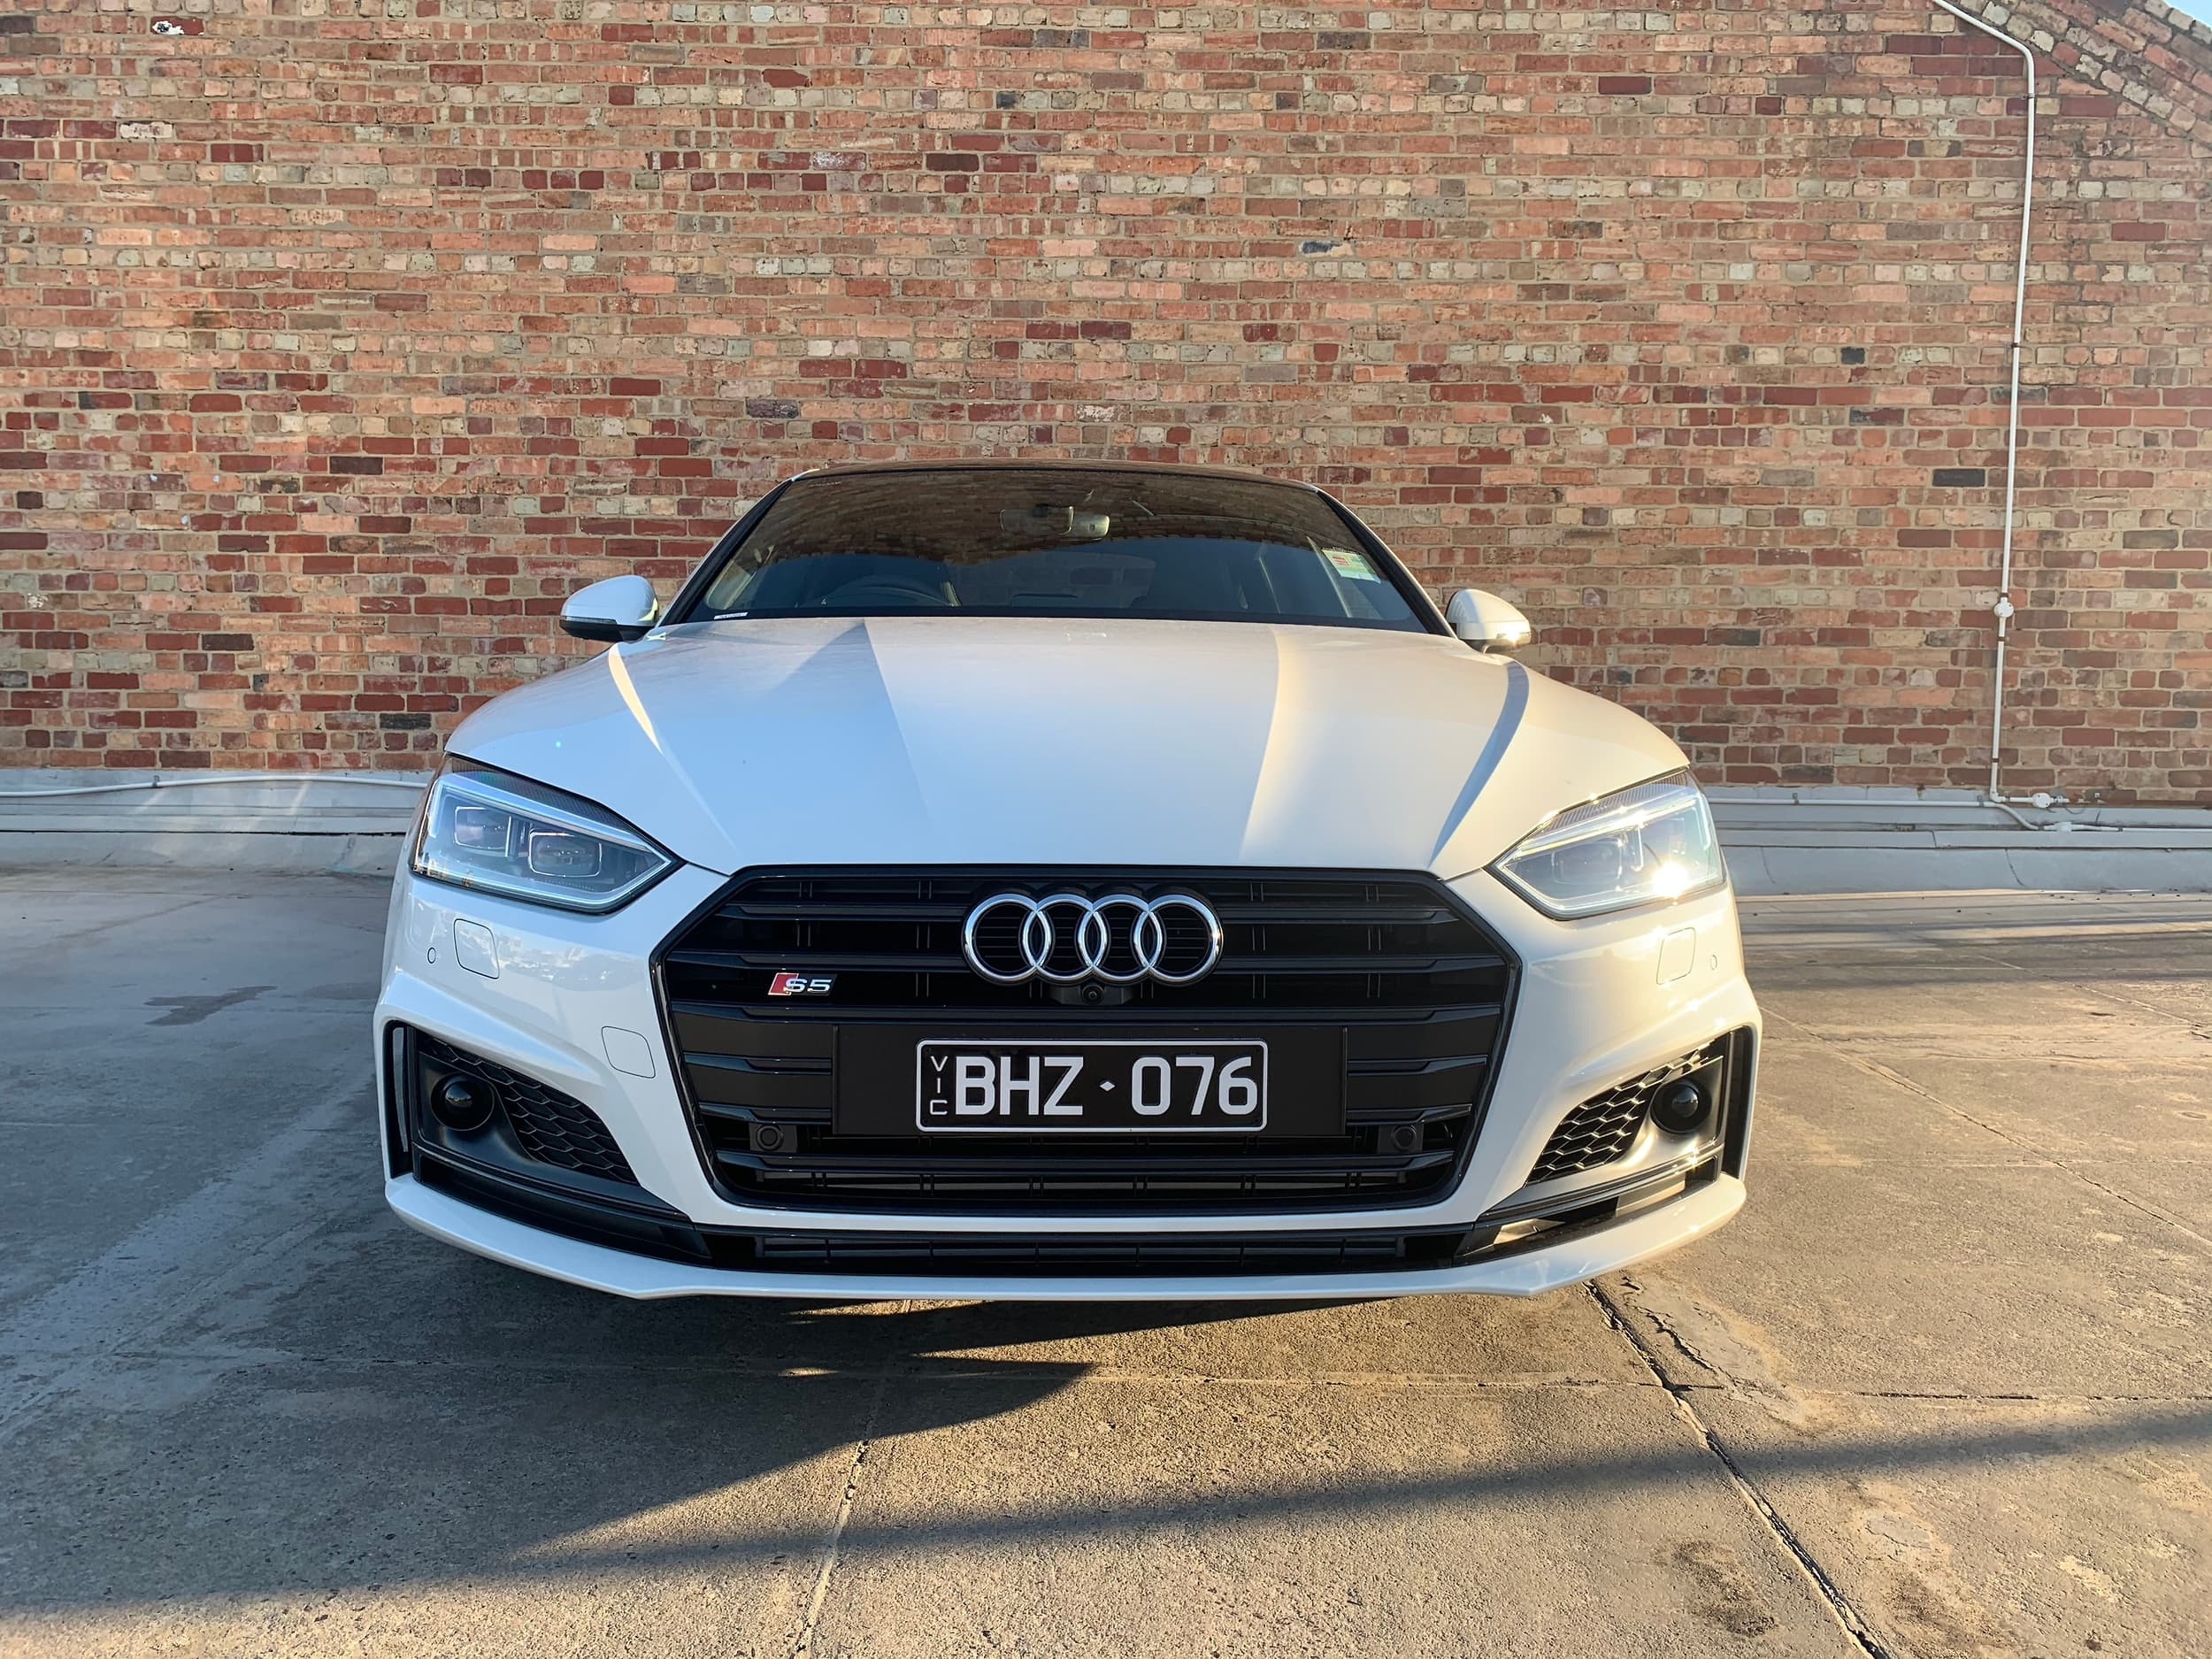 2019 Audi S5 Auto quattro MY19 - image 2